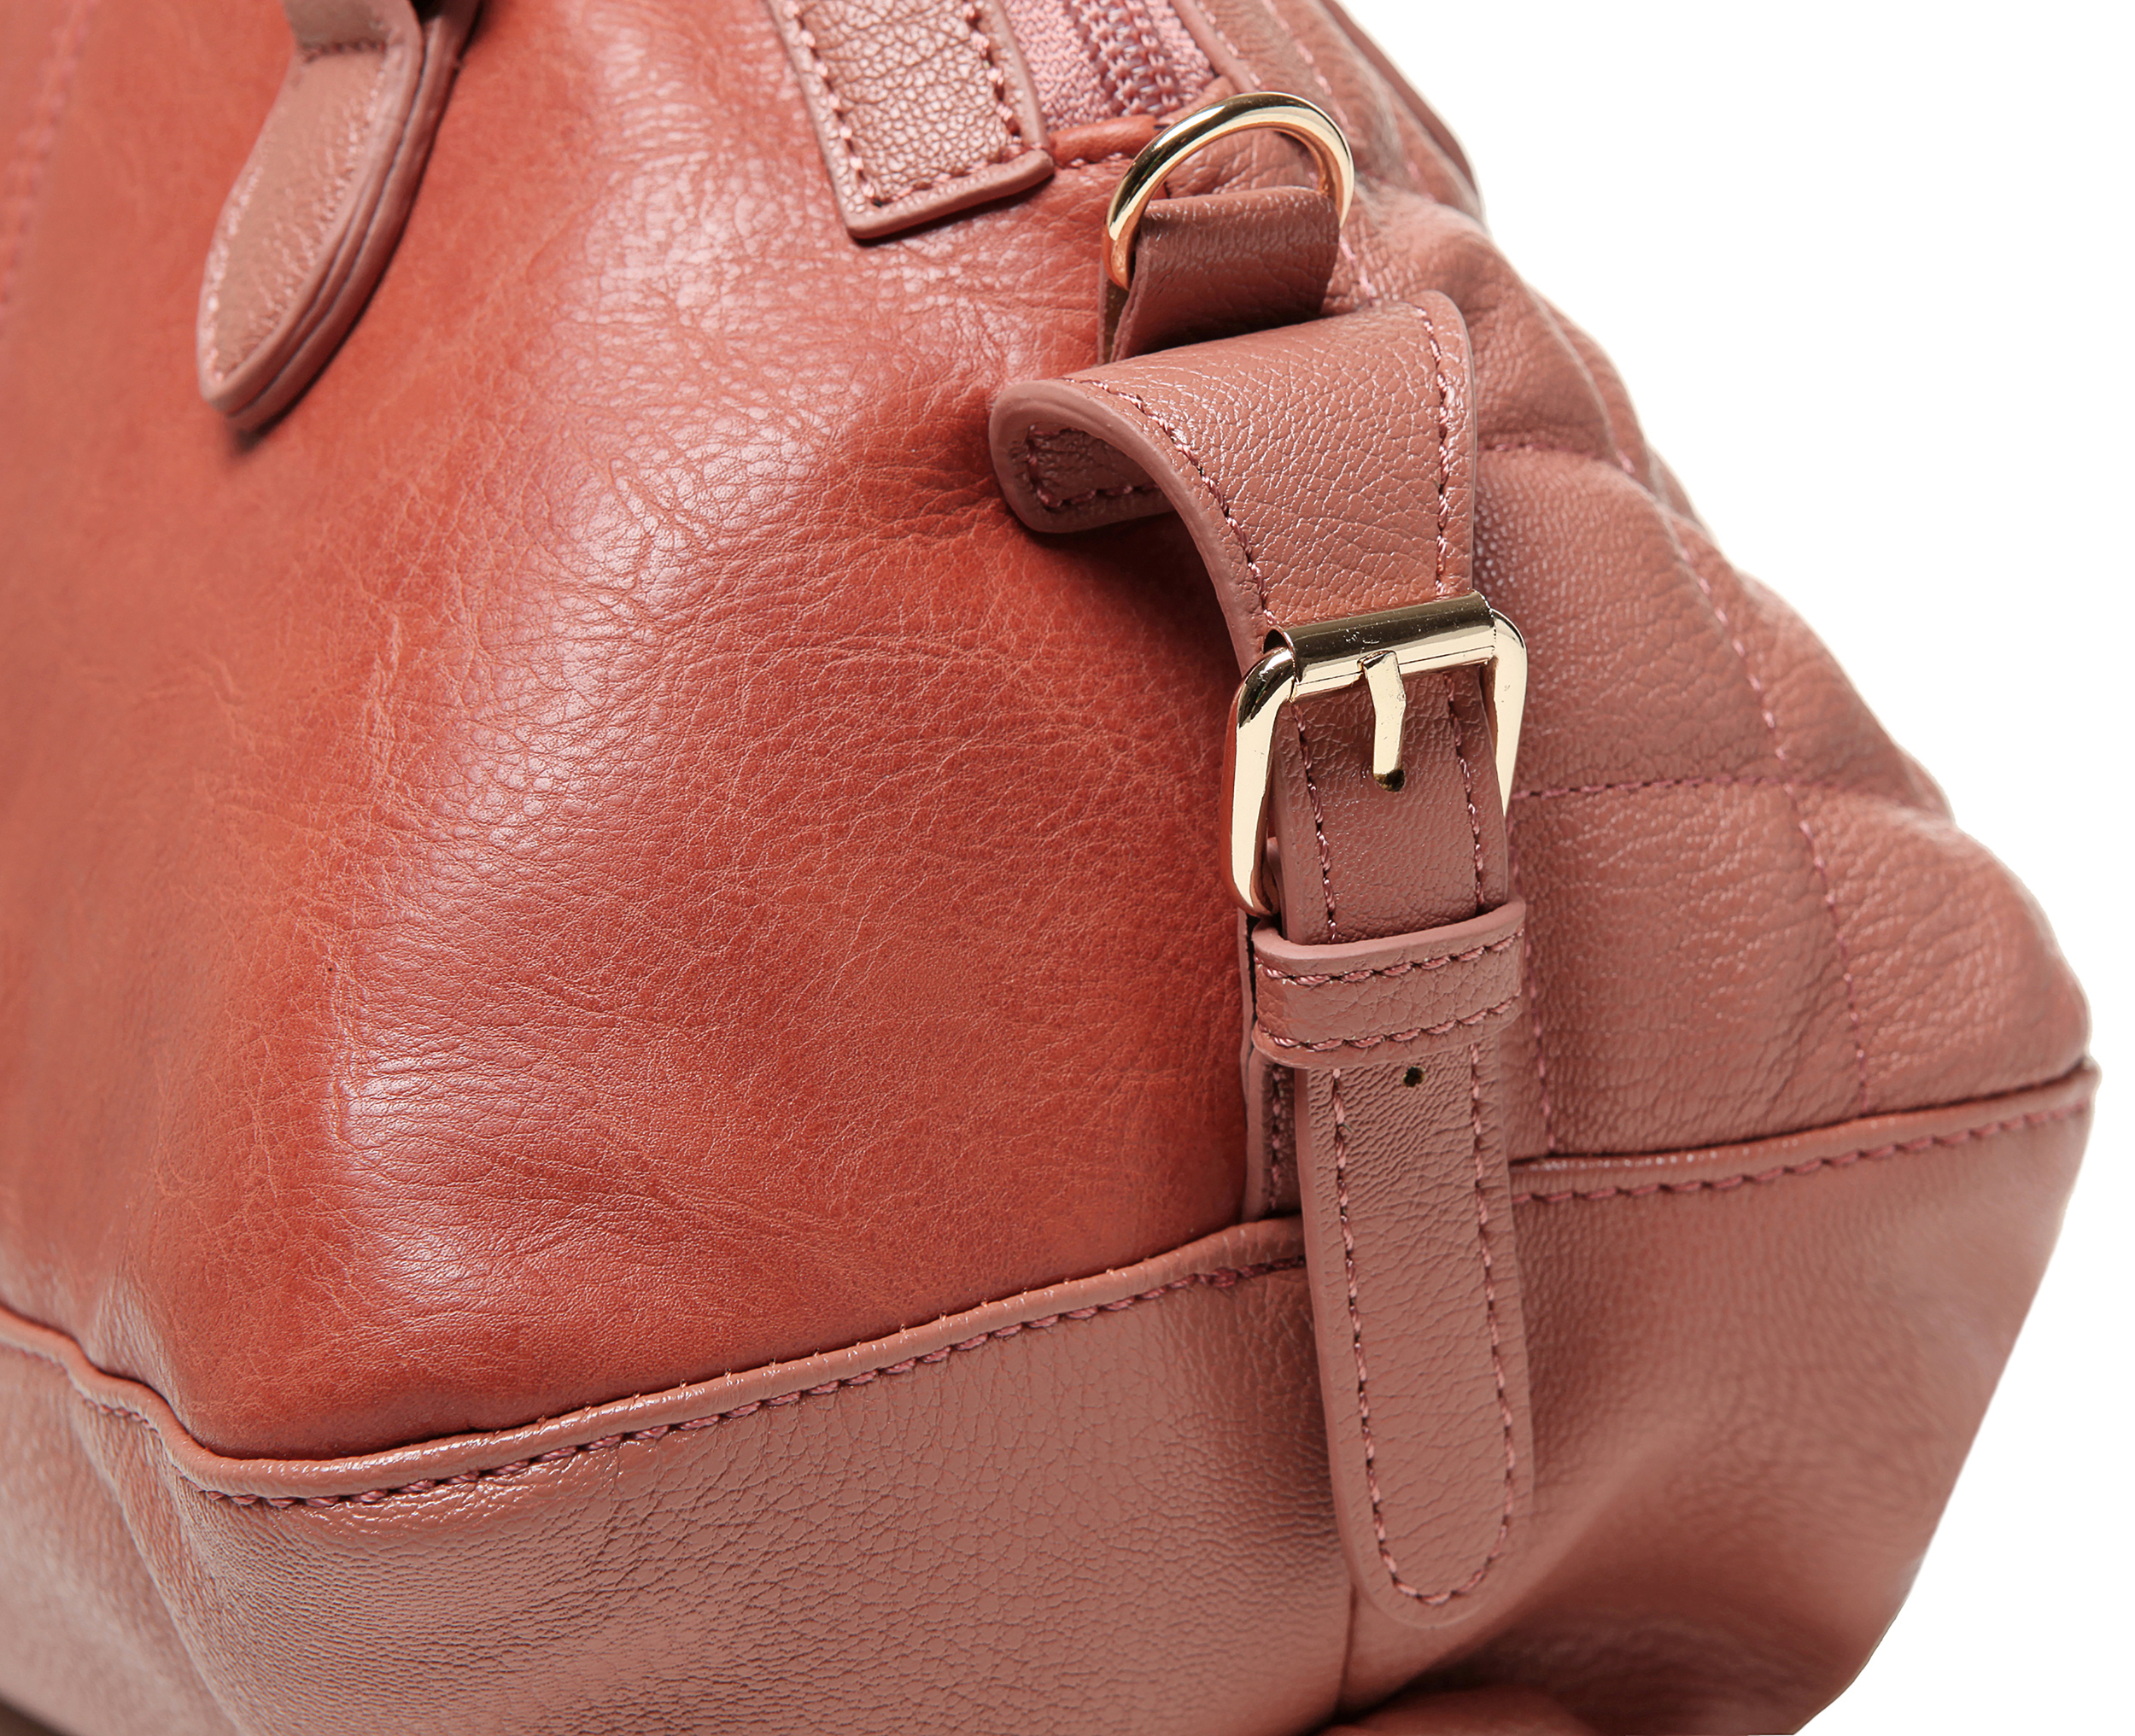 Imani pink quilted bowler designer handbag closeup image